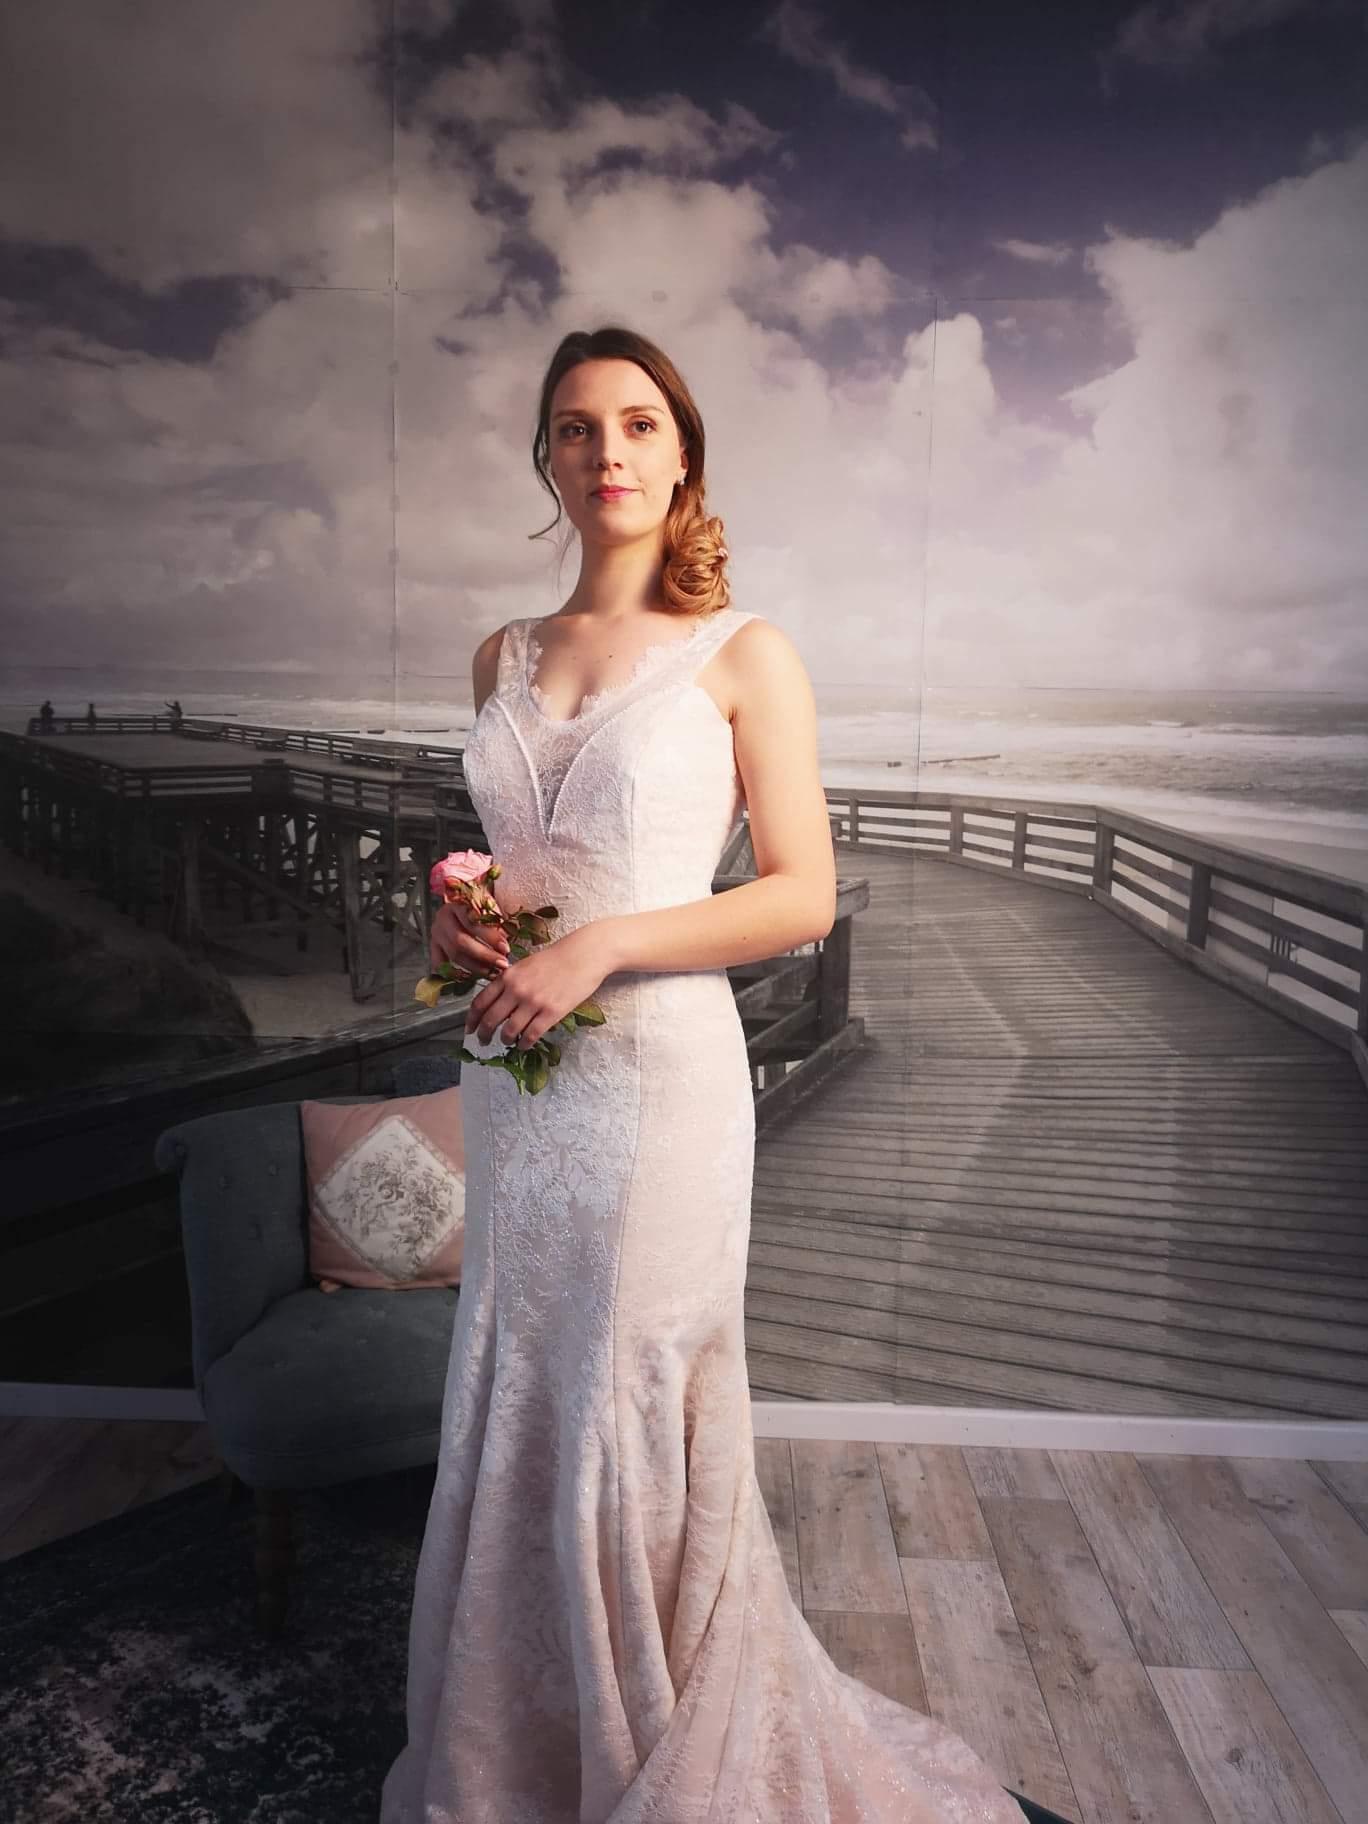 Robe de mariée à domicile - MARIA - robe de mariée rose avec dentelle blanche - Cholet - Boutique de mariage 49 -, robe de mariée pas cher, créatrice 49